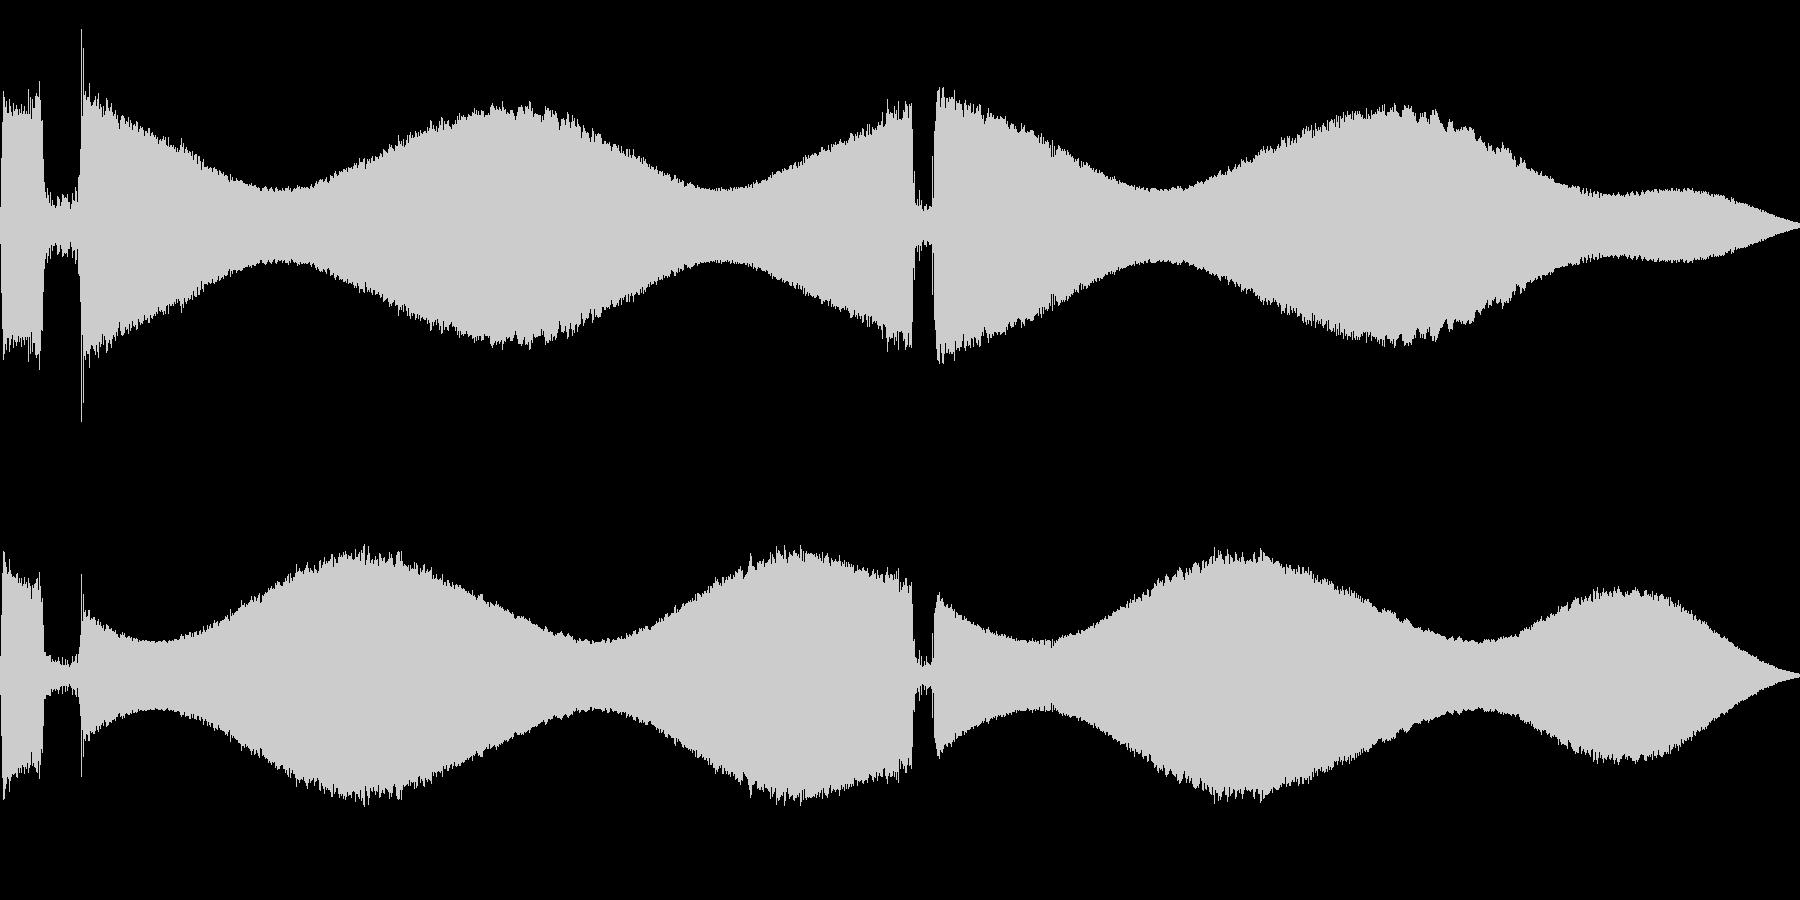 [効果音]ピポパポ、着信音の未再生の波形